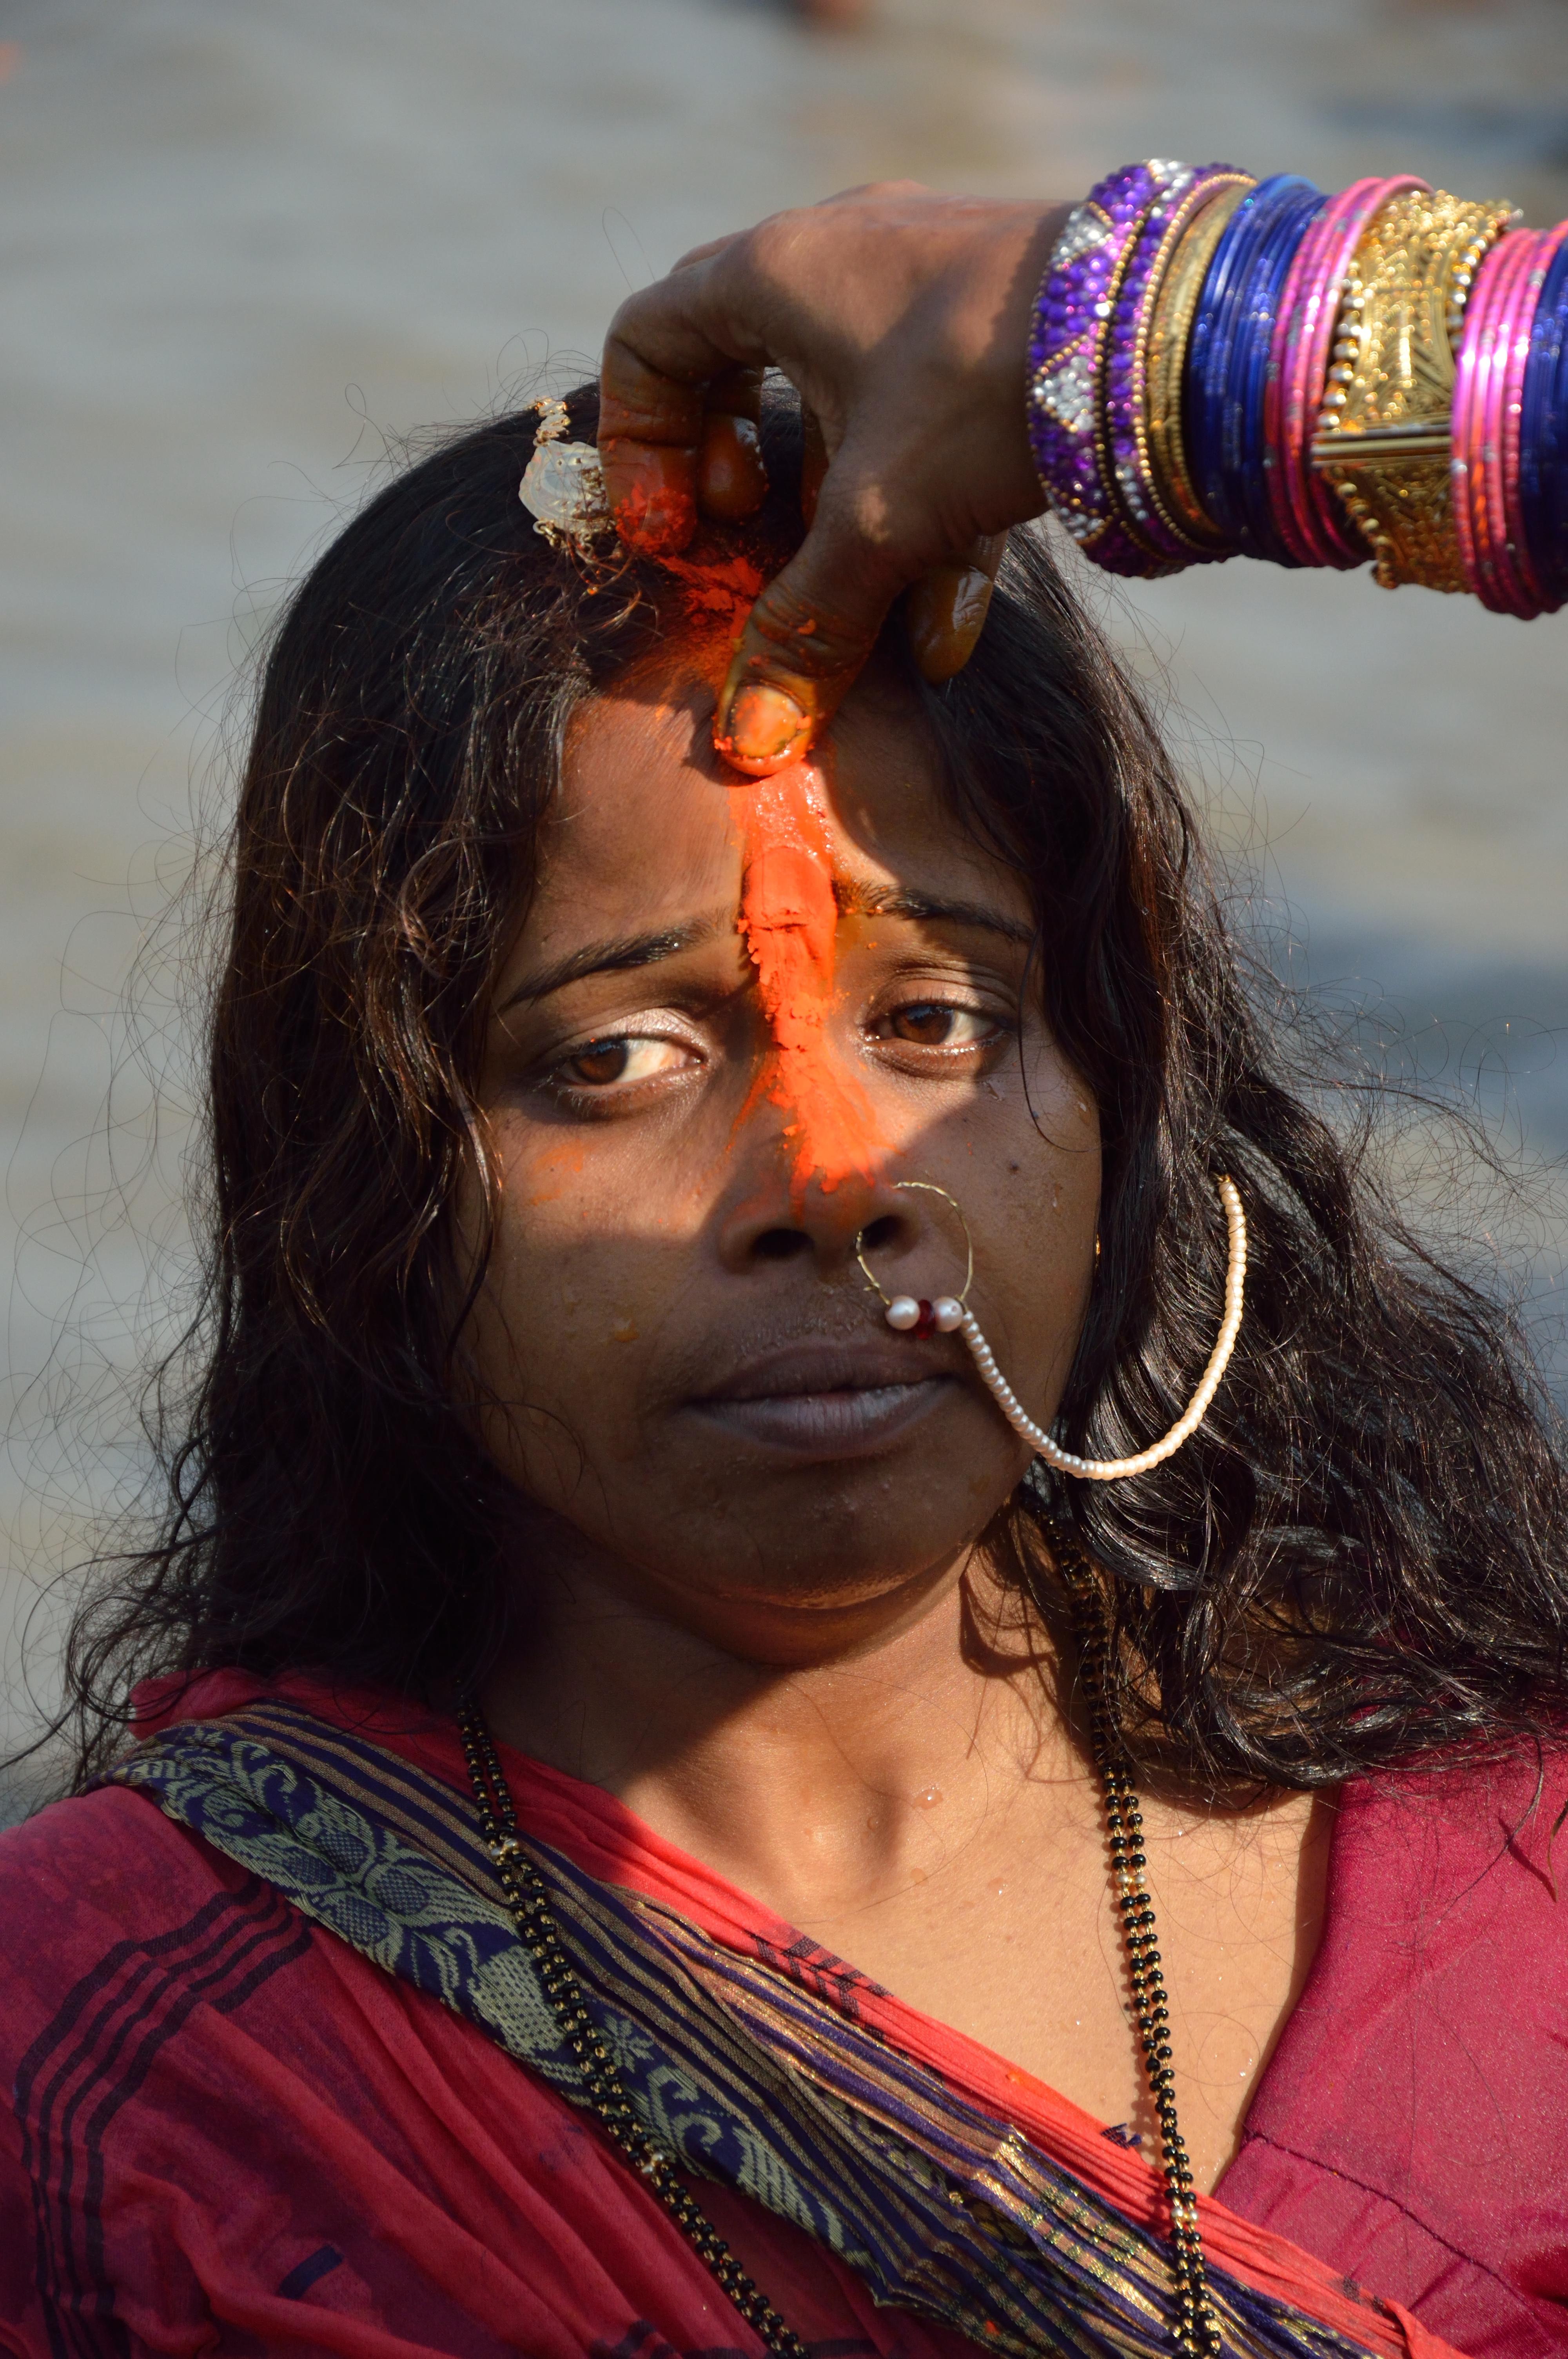 File:Sindoor Play - Chhath Puja Ceremony - Baja Kadamtala Ghat